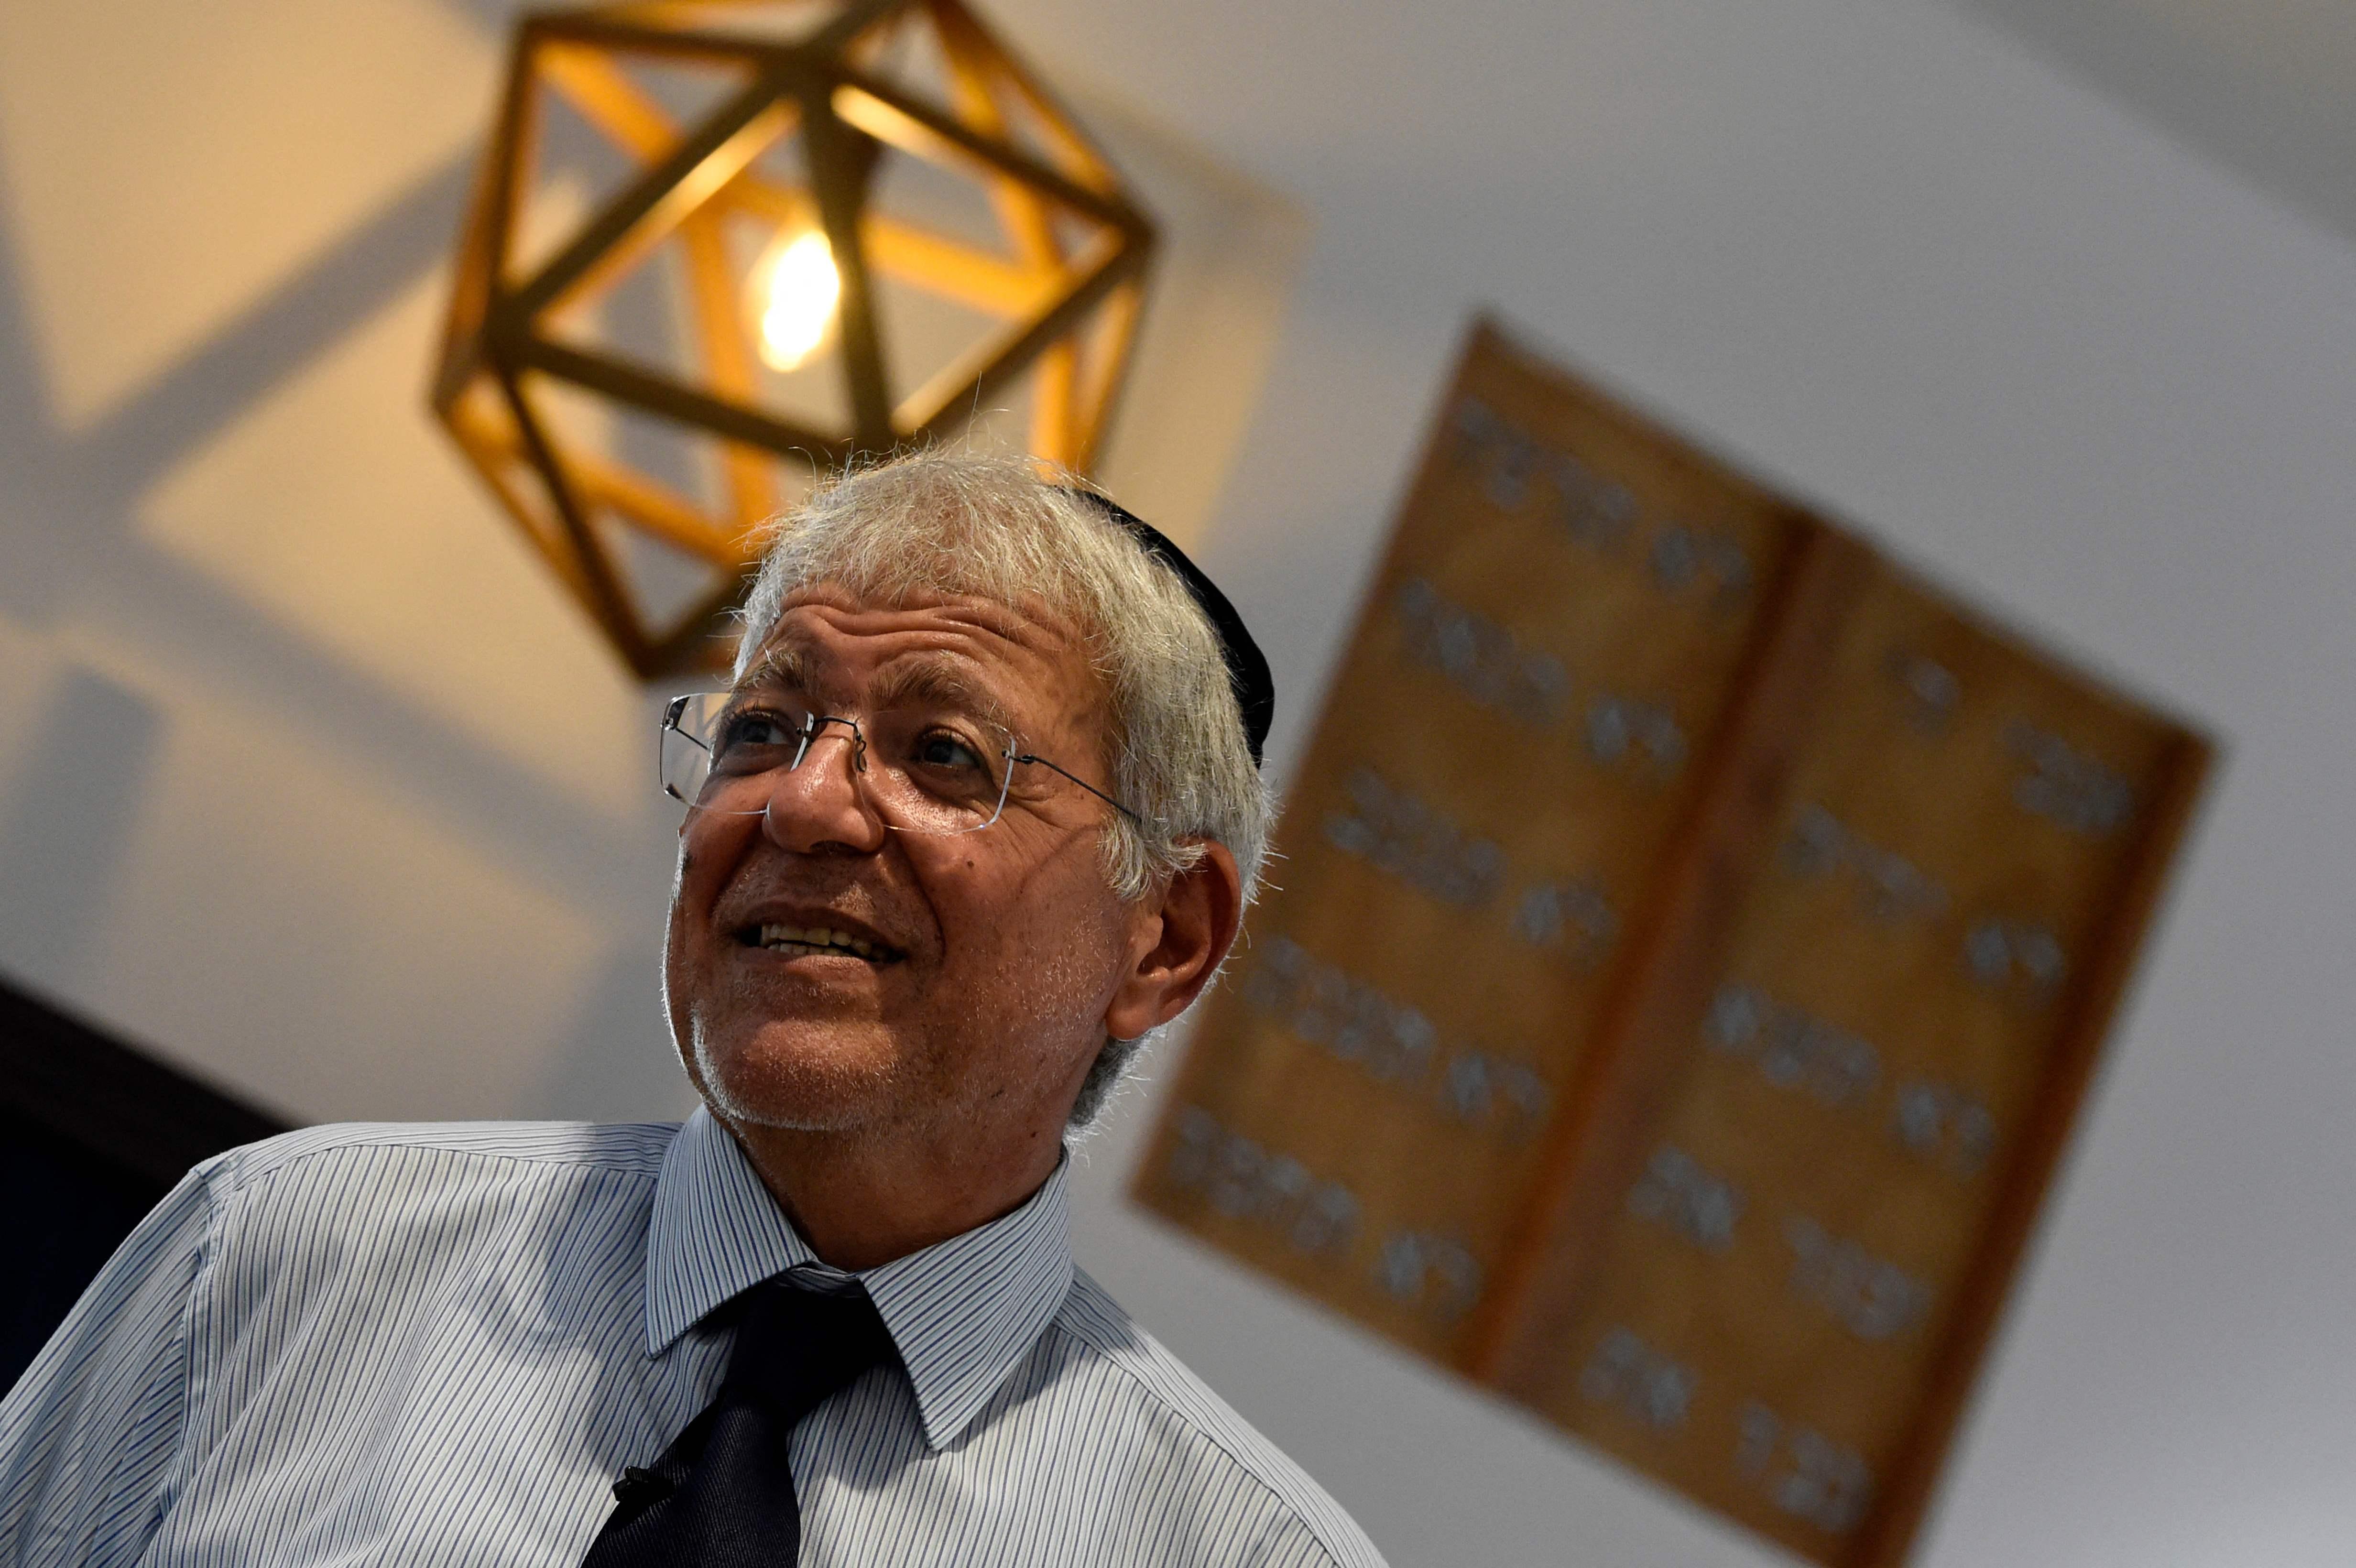 أحد الزوار اليهود في المناسبة التي تقام لأول مرة (أ ف ب)